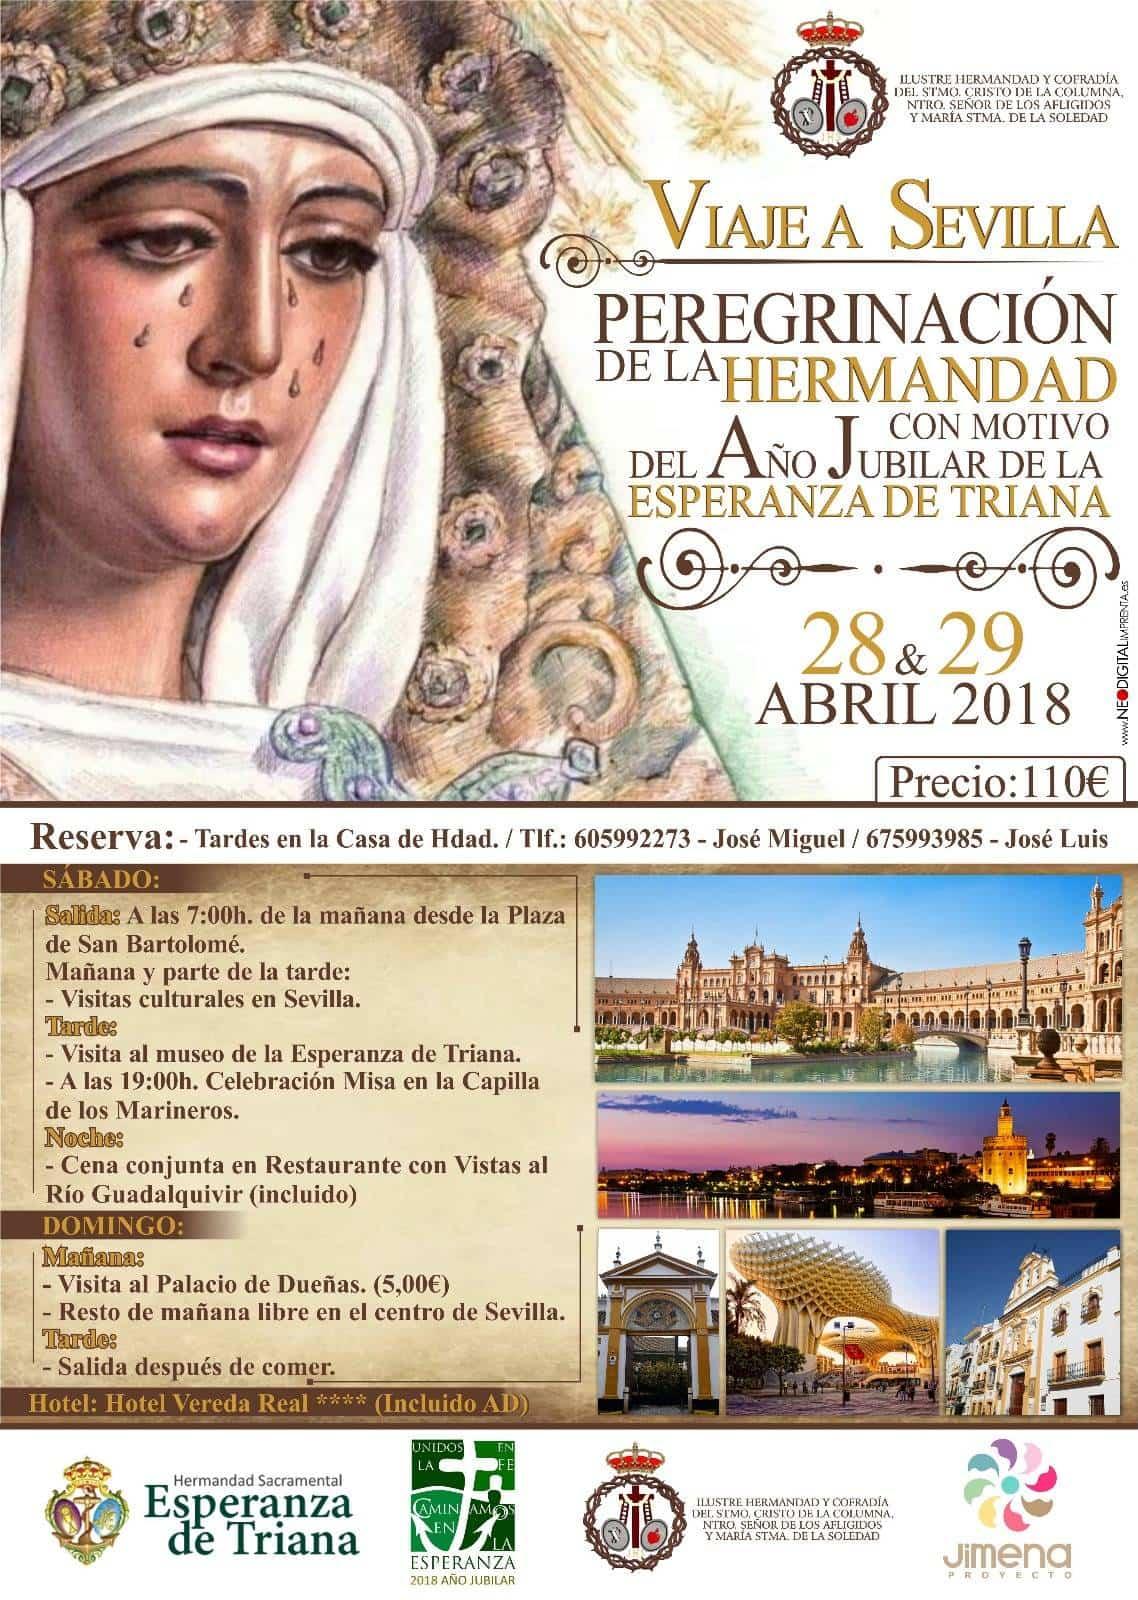 Viaje a Sevilla de la hermandad de El Santo de Herencia - La Hermandad de El Santo organiza un viaje-peregrinación a Sevilla